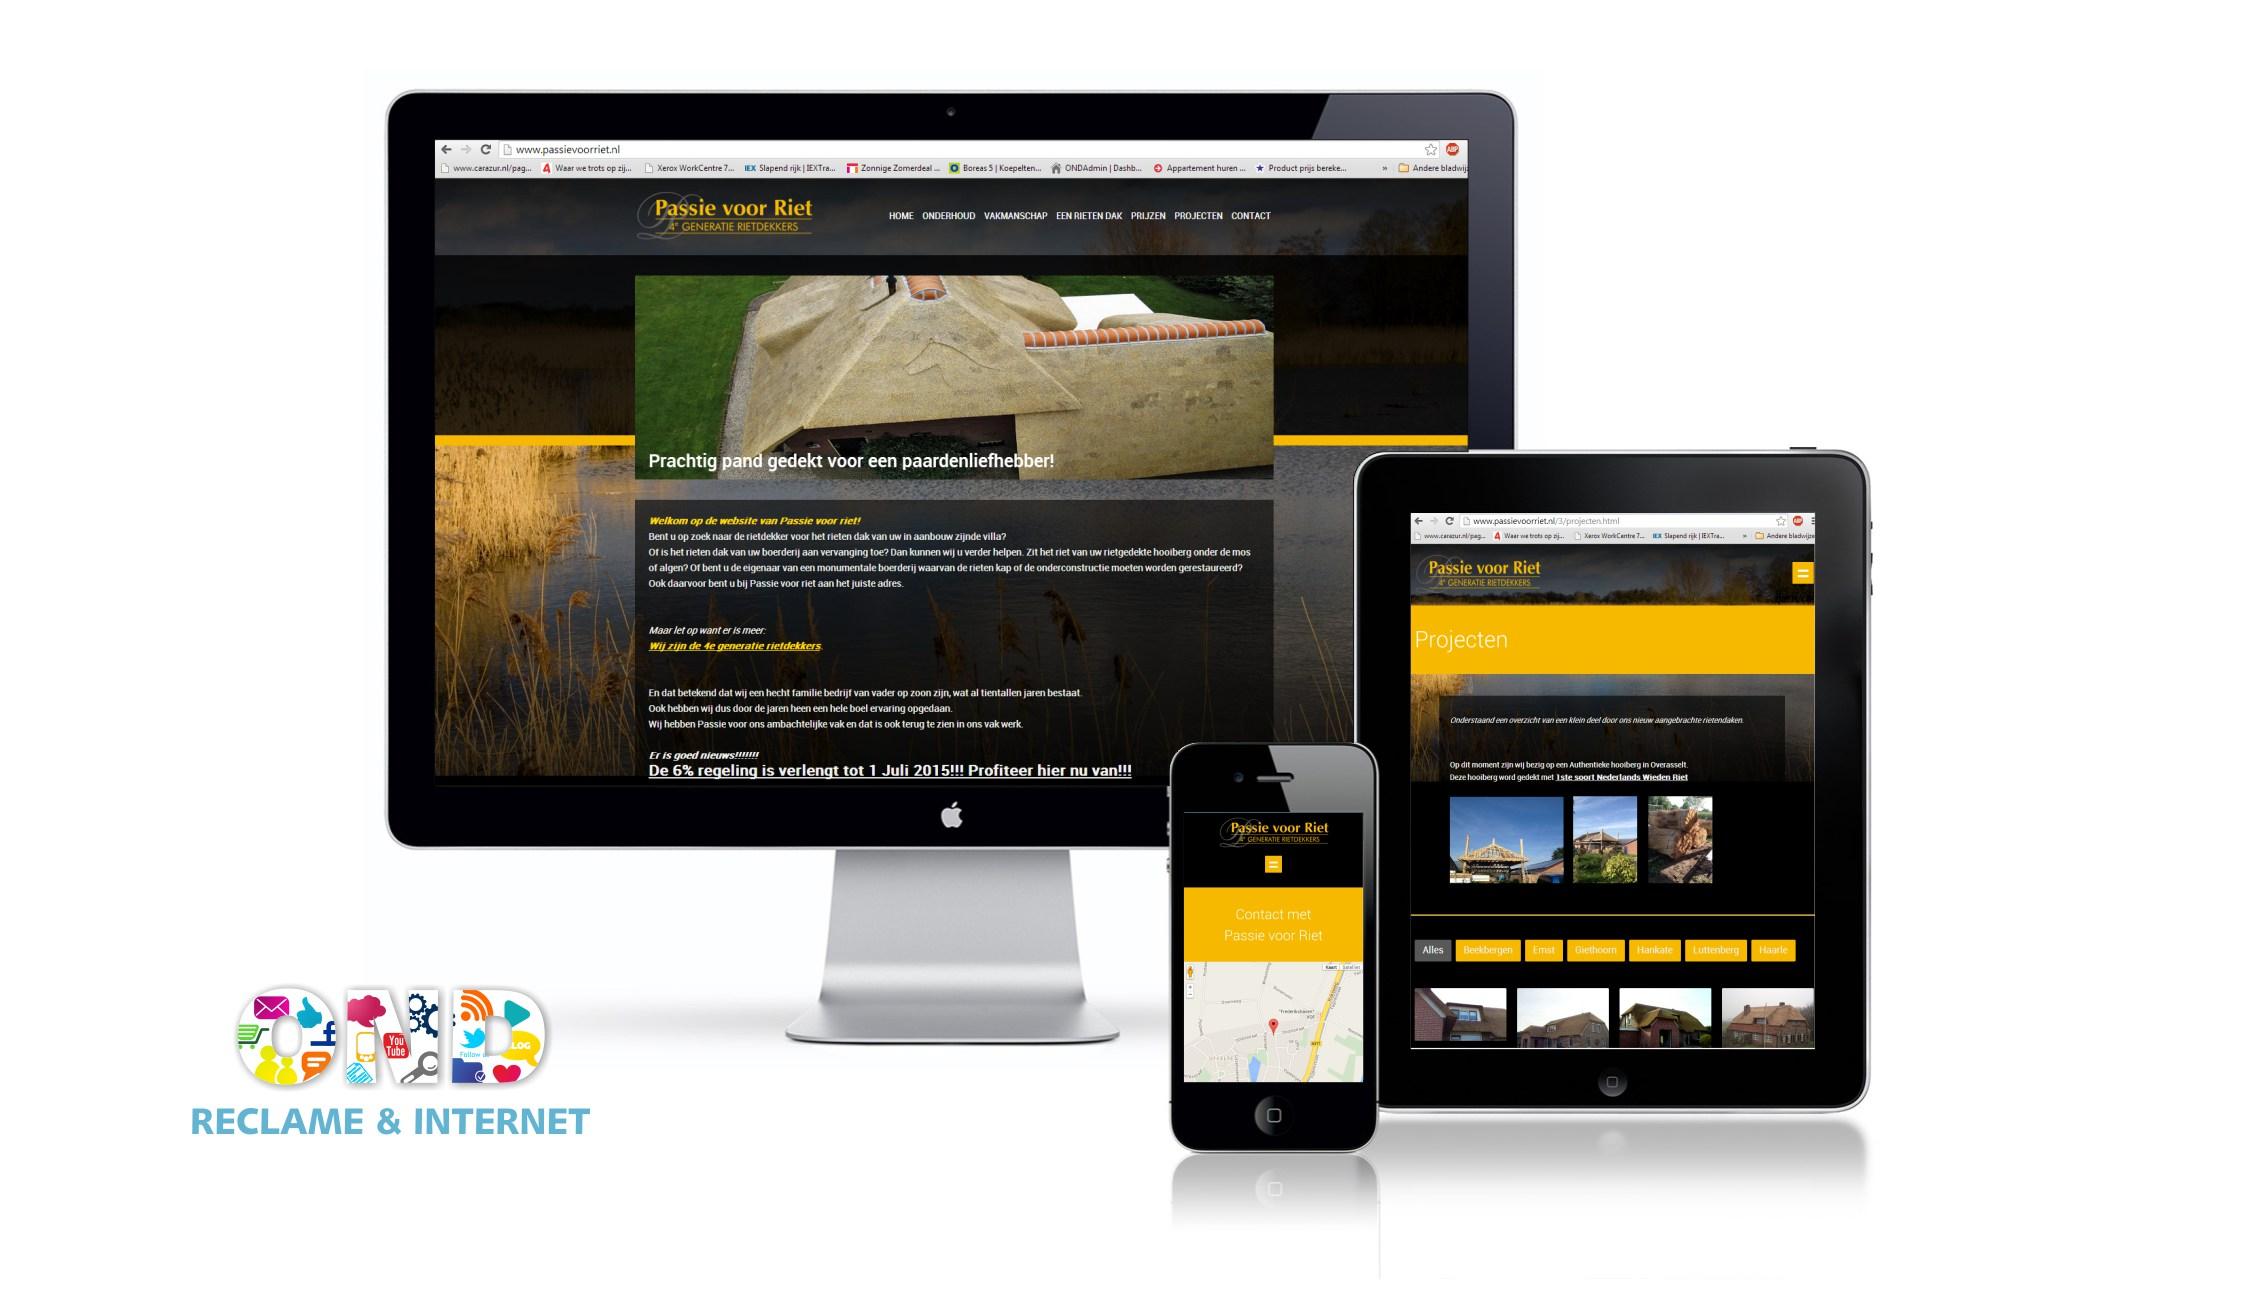 Nieuwe website met tablet en mobiele weergave voor PassievoorRiet inclusief contactformulier, foto-albums en submenu +++www.passievoorriet.nl